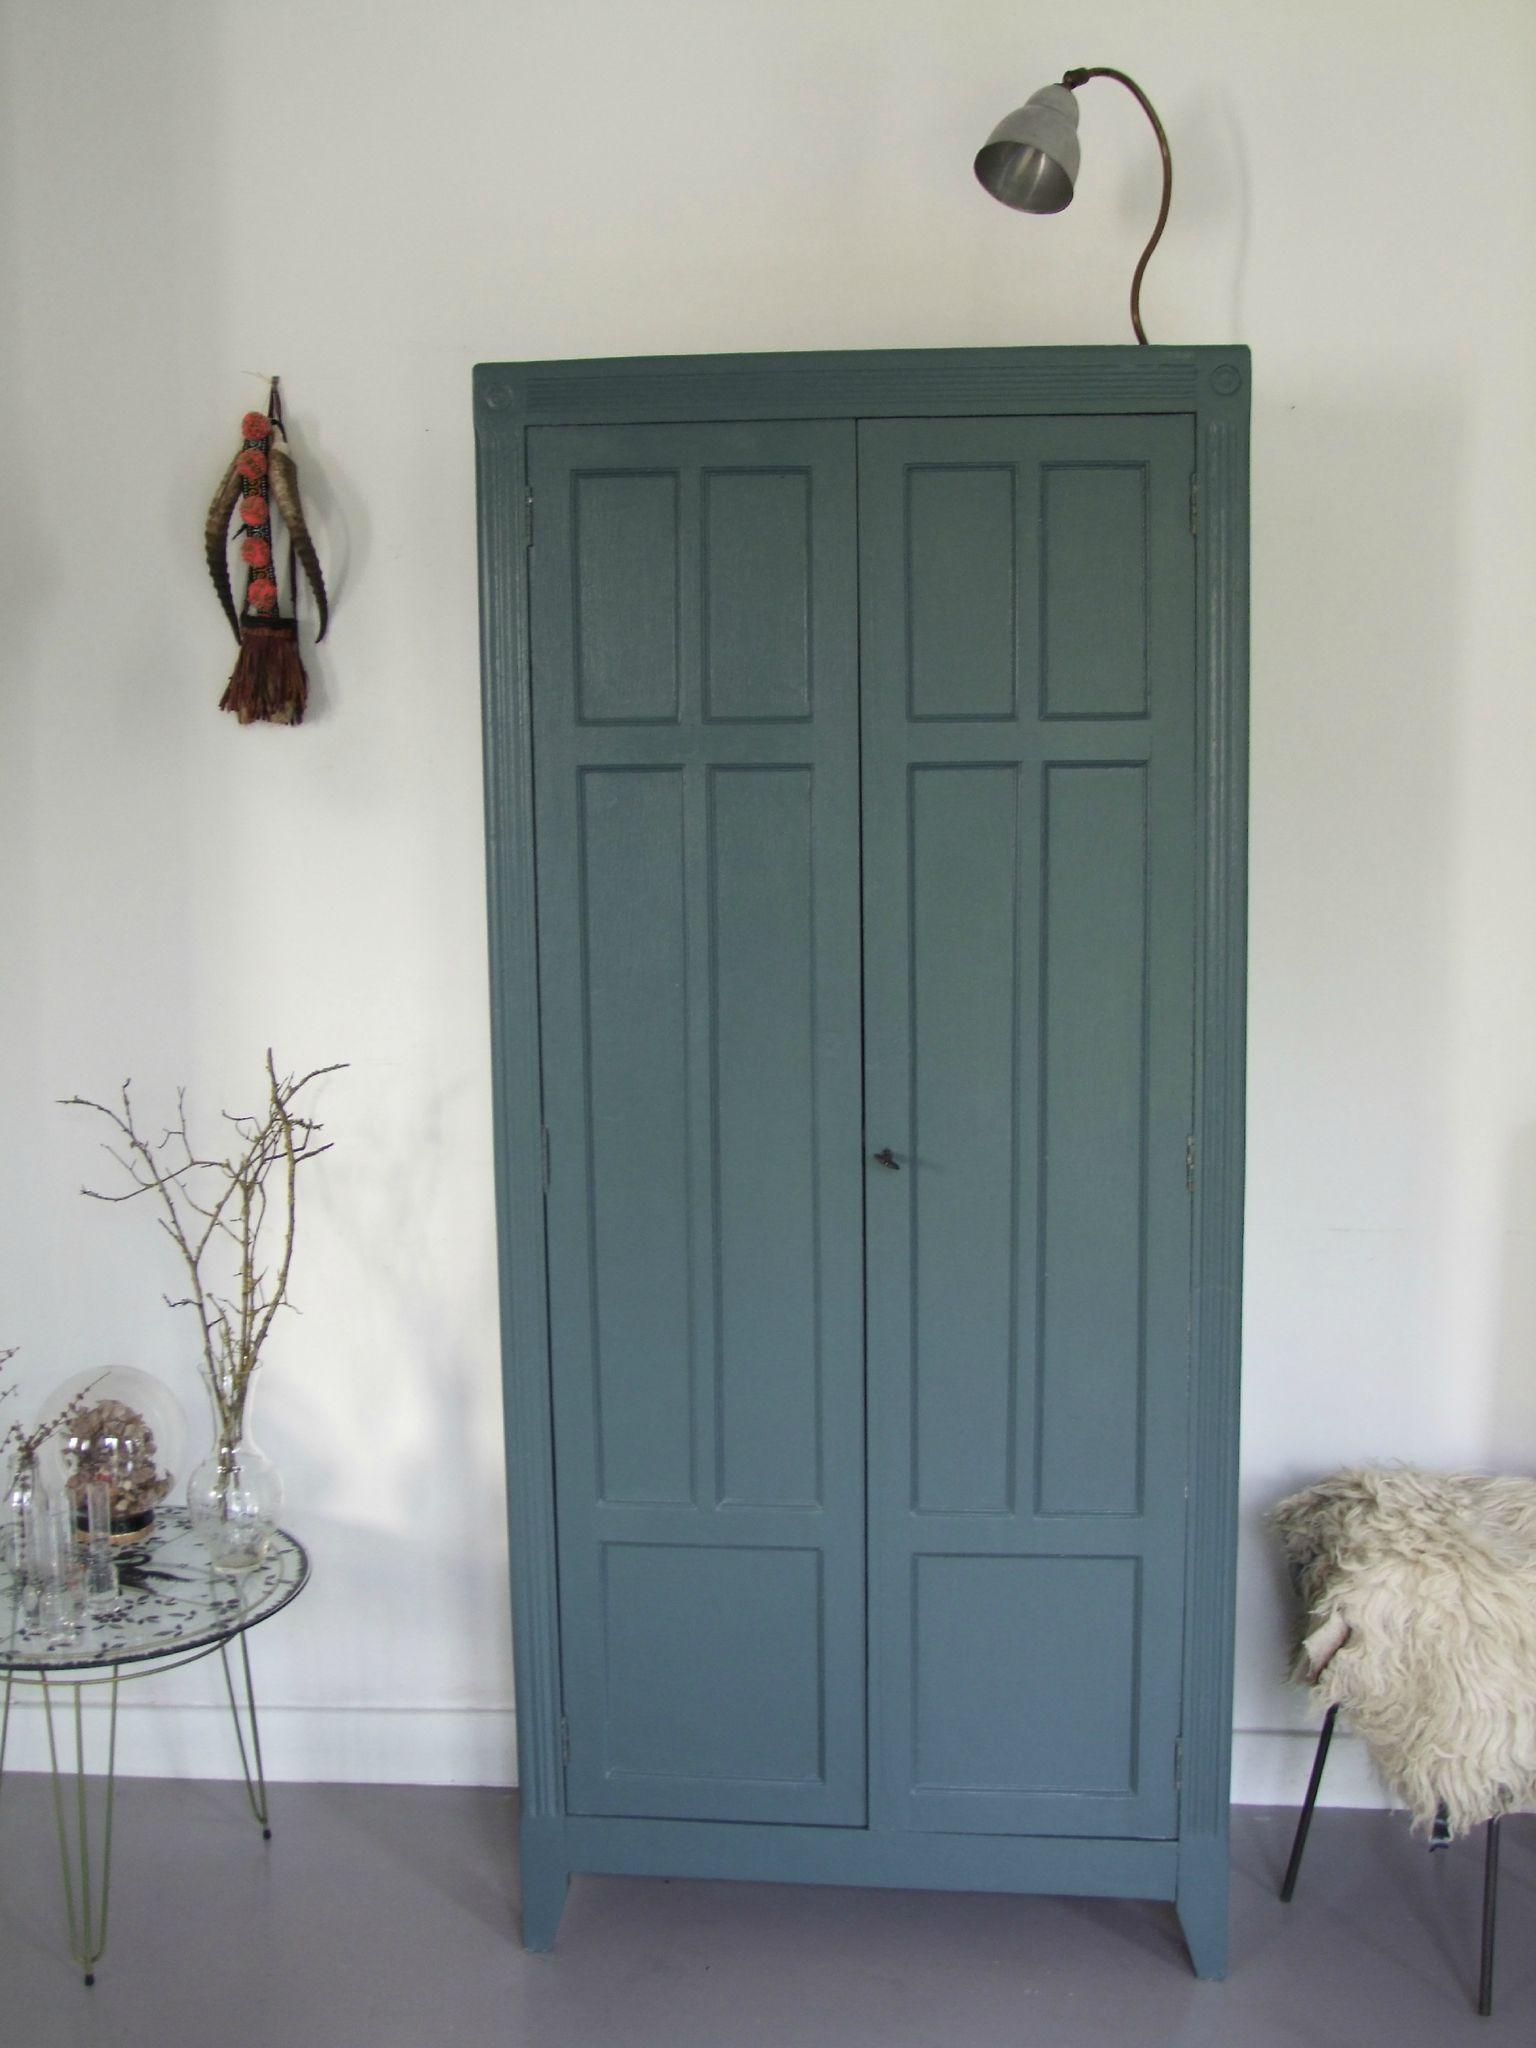 Armoire parisienne bella meubles vintage pataluna chin s d nich s et d lur s sk p - Meubles chines ...